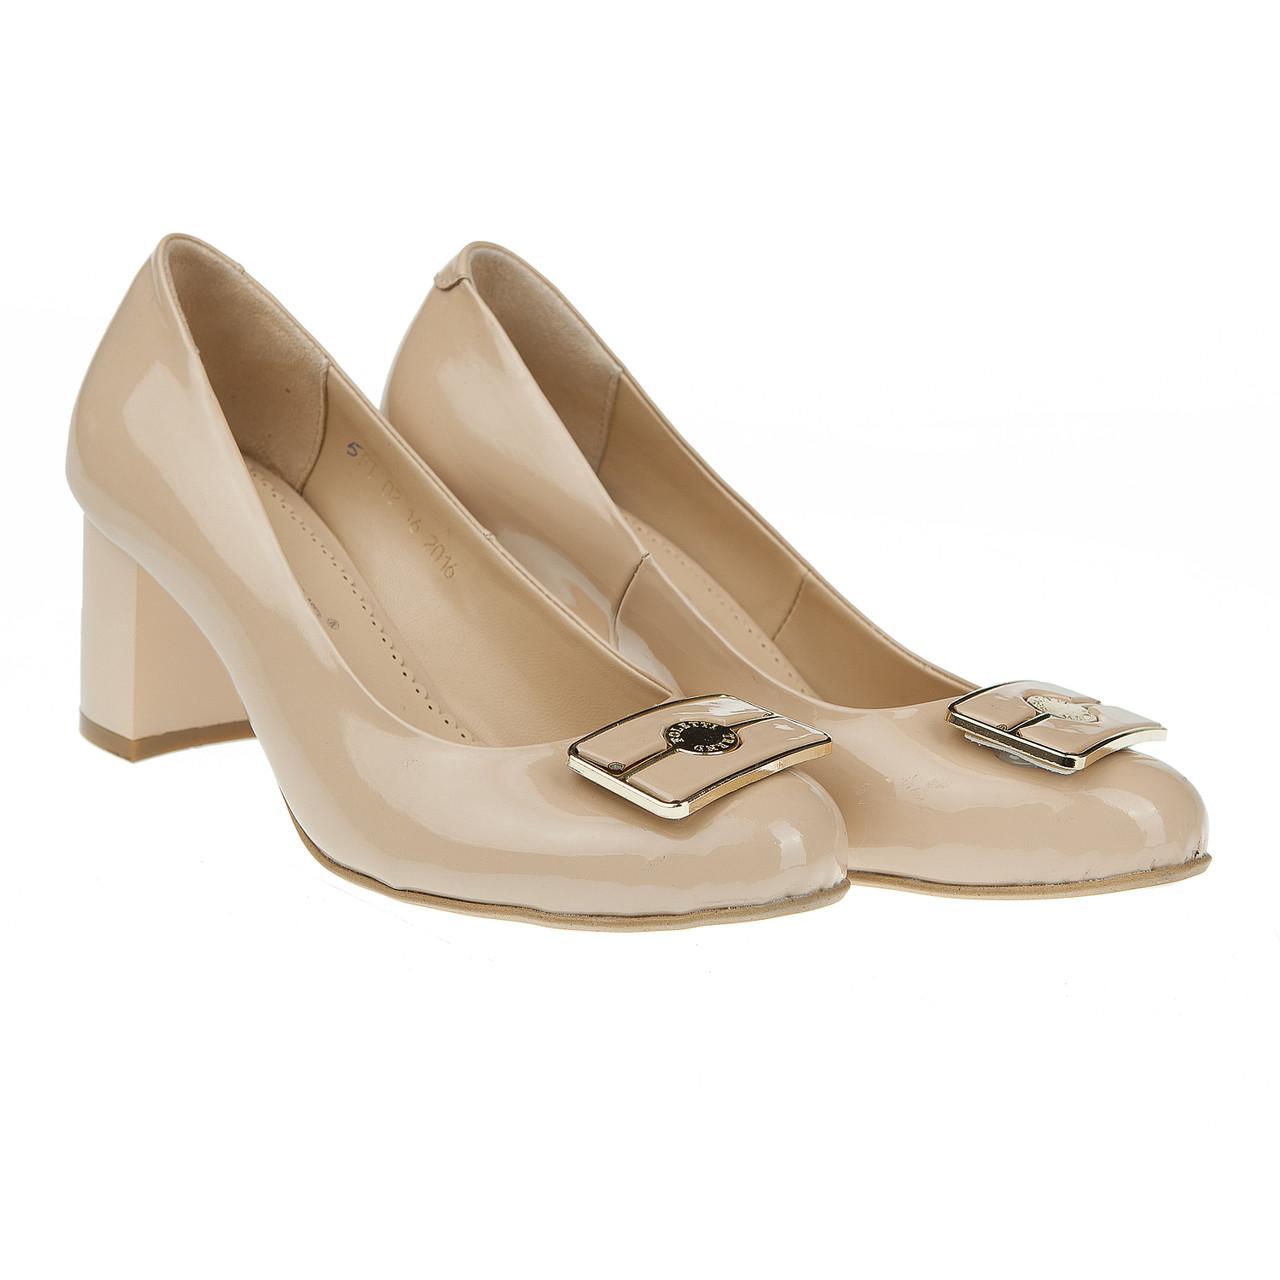 Туфли женские лаковые от Foletti (элегантные, бежевого цвета, на удобном каблуке)